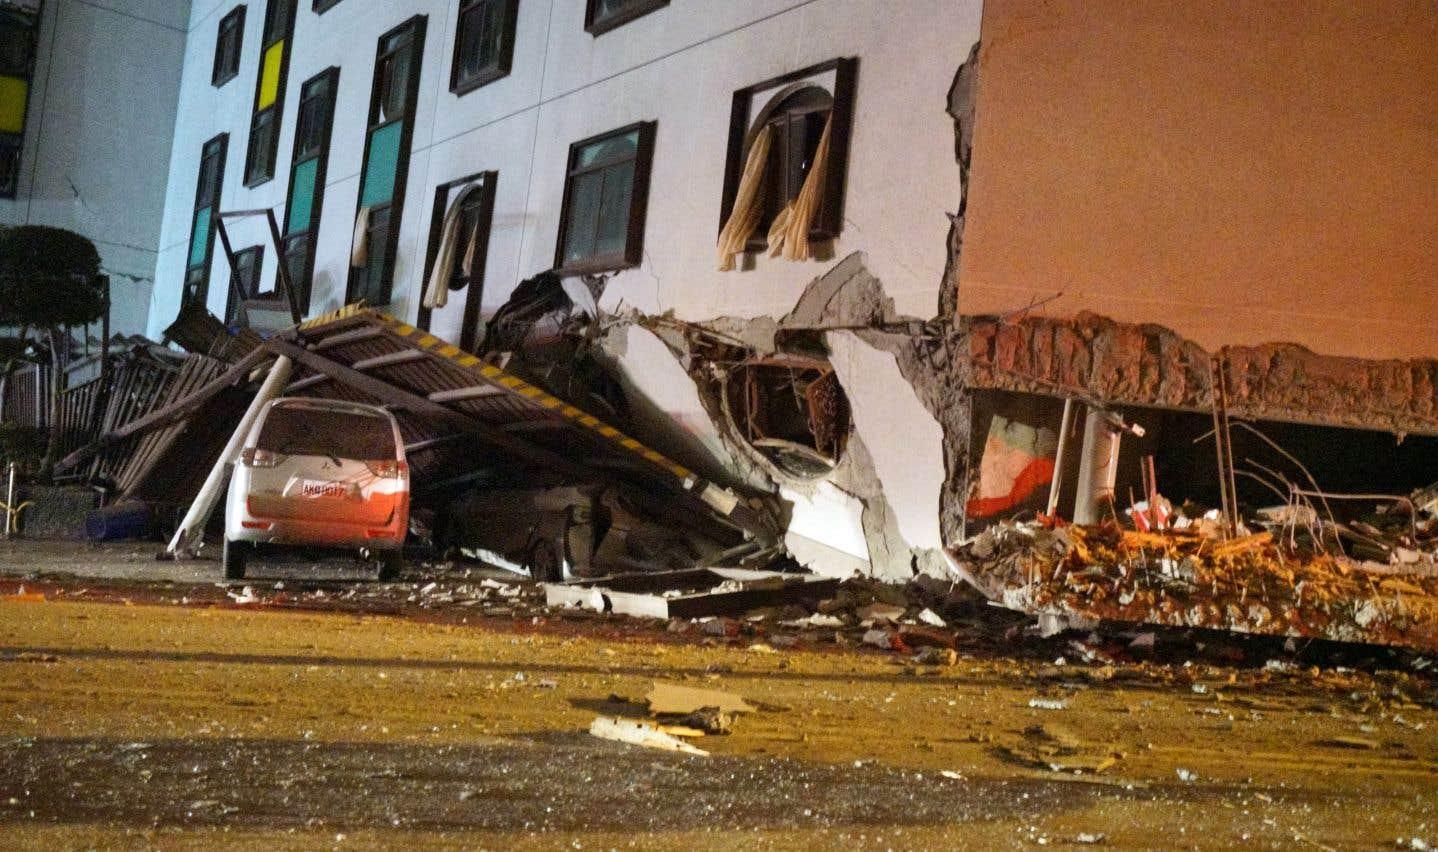 Plusieurs bâtiments se sont effondréset une trentaine de personnes se sont retrouvées bloquées dans l'hôtel touché.